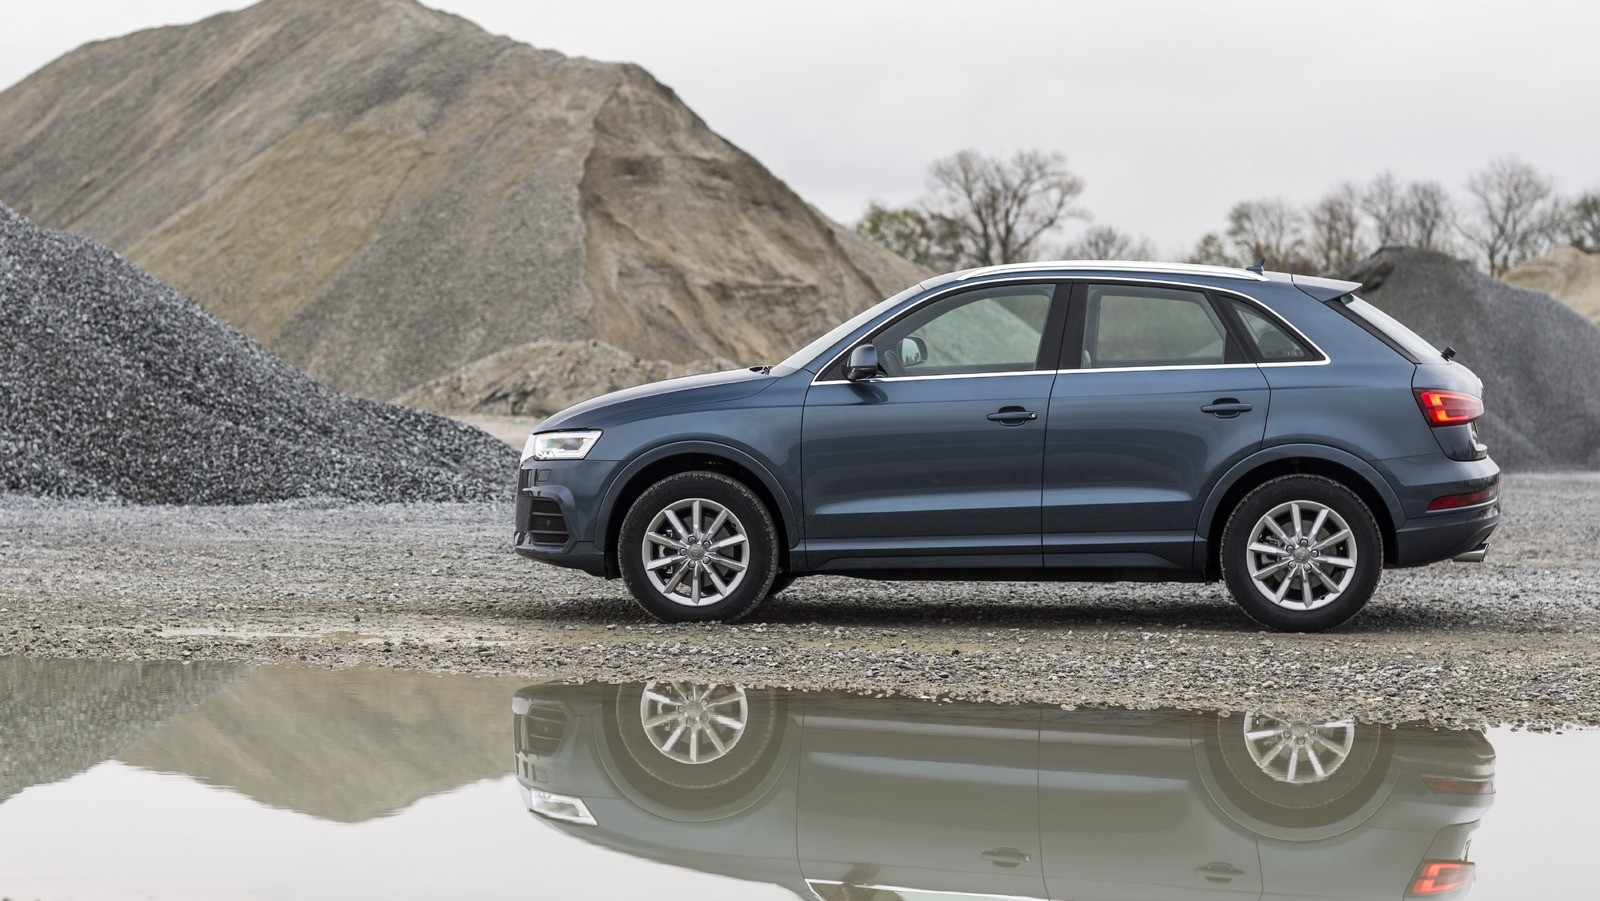 Audi Q3 2.0 TDI Worldwide (8U) '2015–н.в.